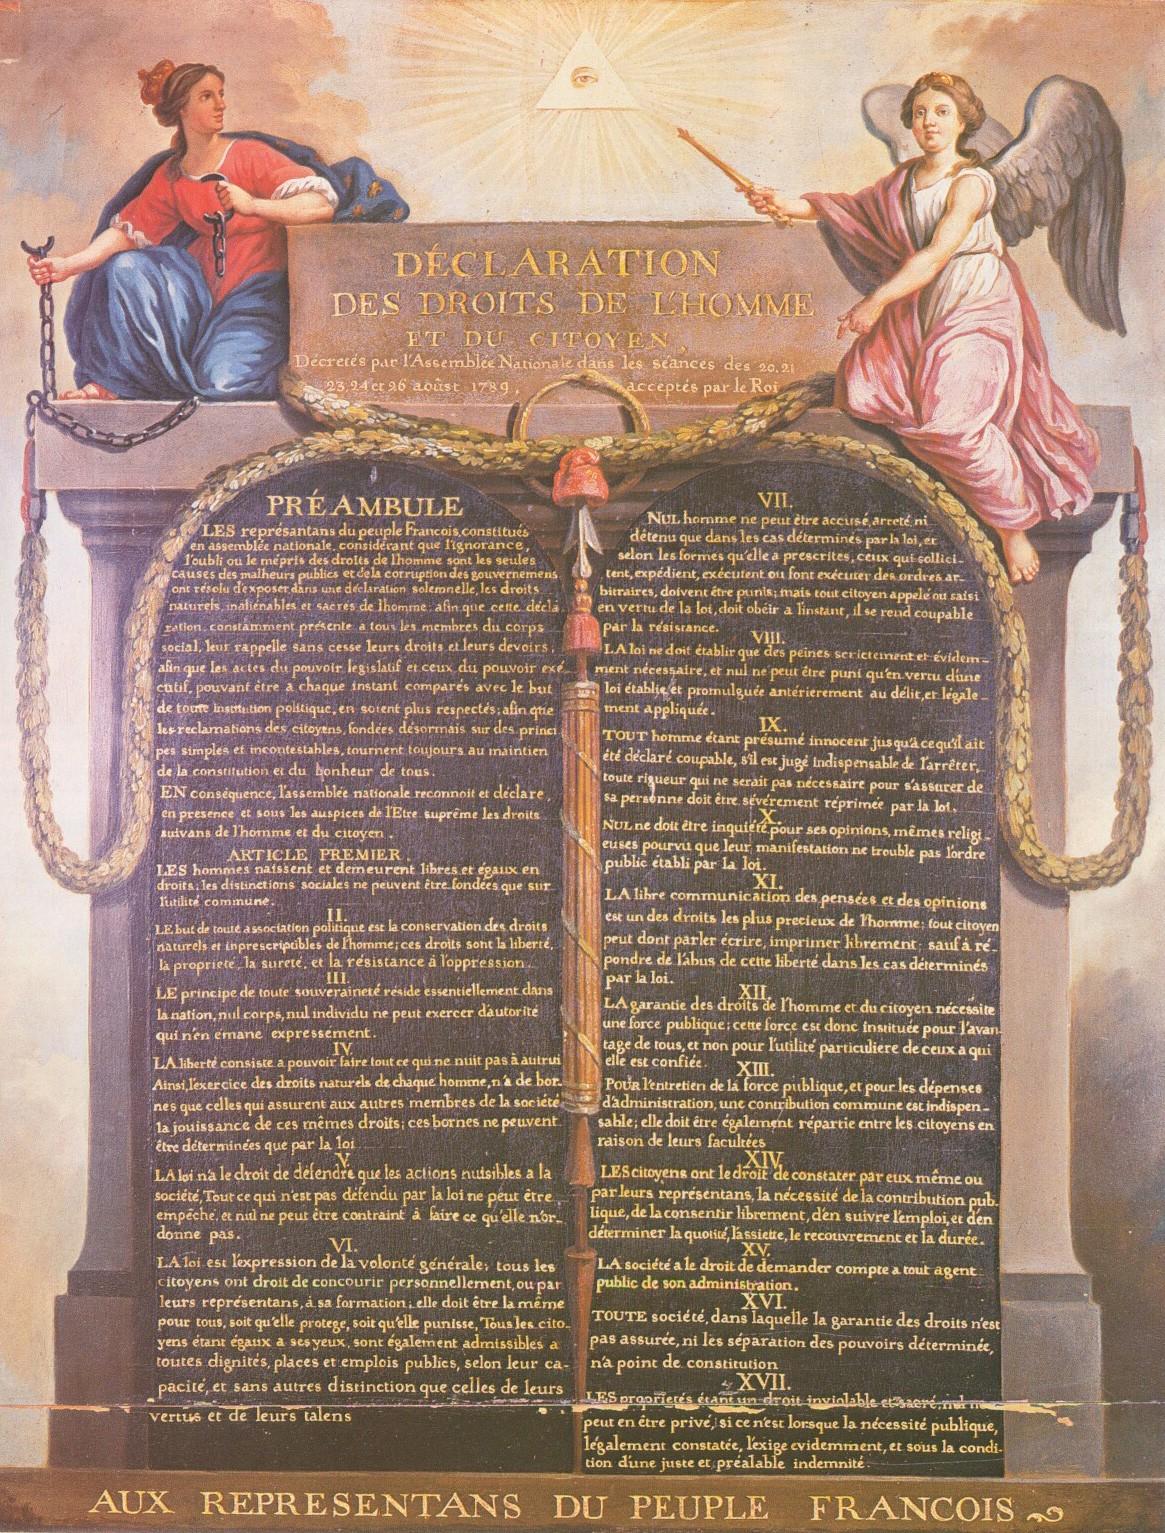 Déclaration des Droits de l'Homme et du Citoyen (panneau sur bois du XVIIIe siècle, musée Carnavalet, Paris